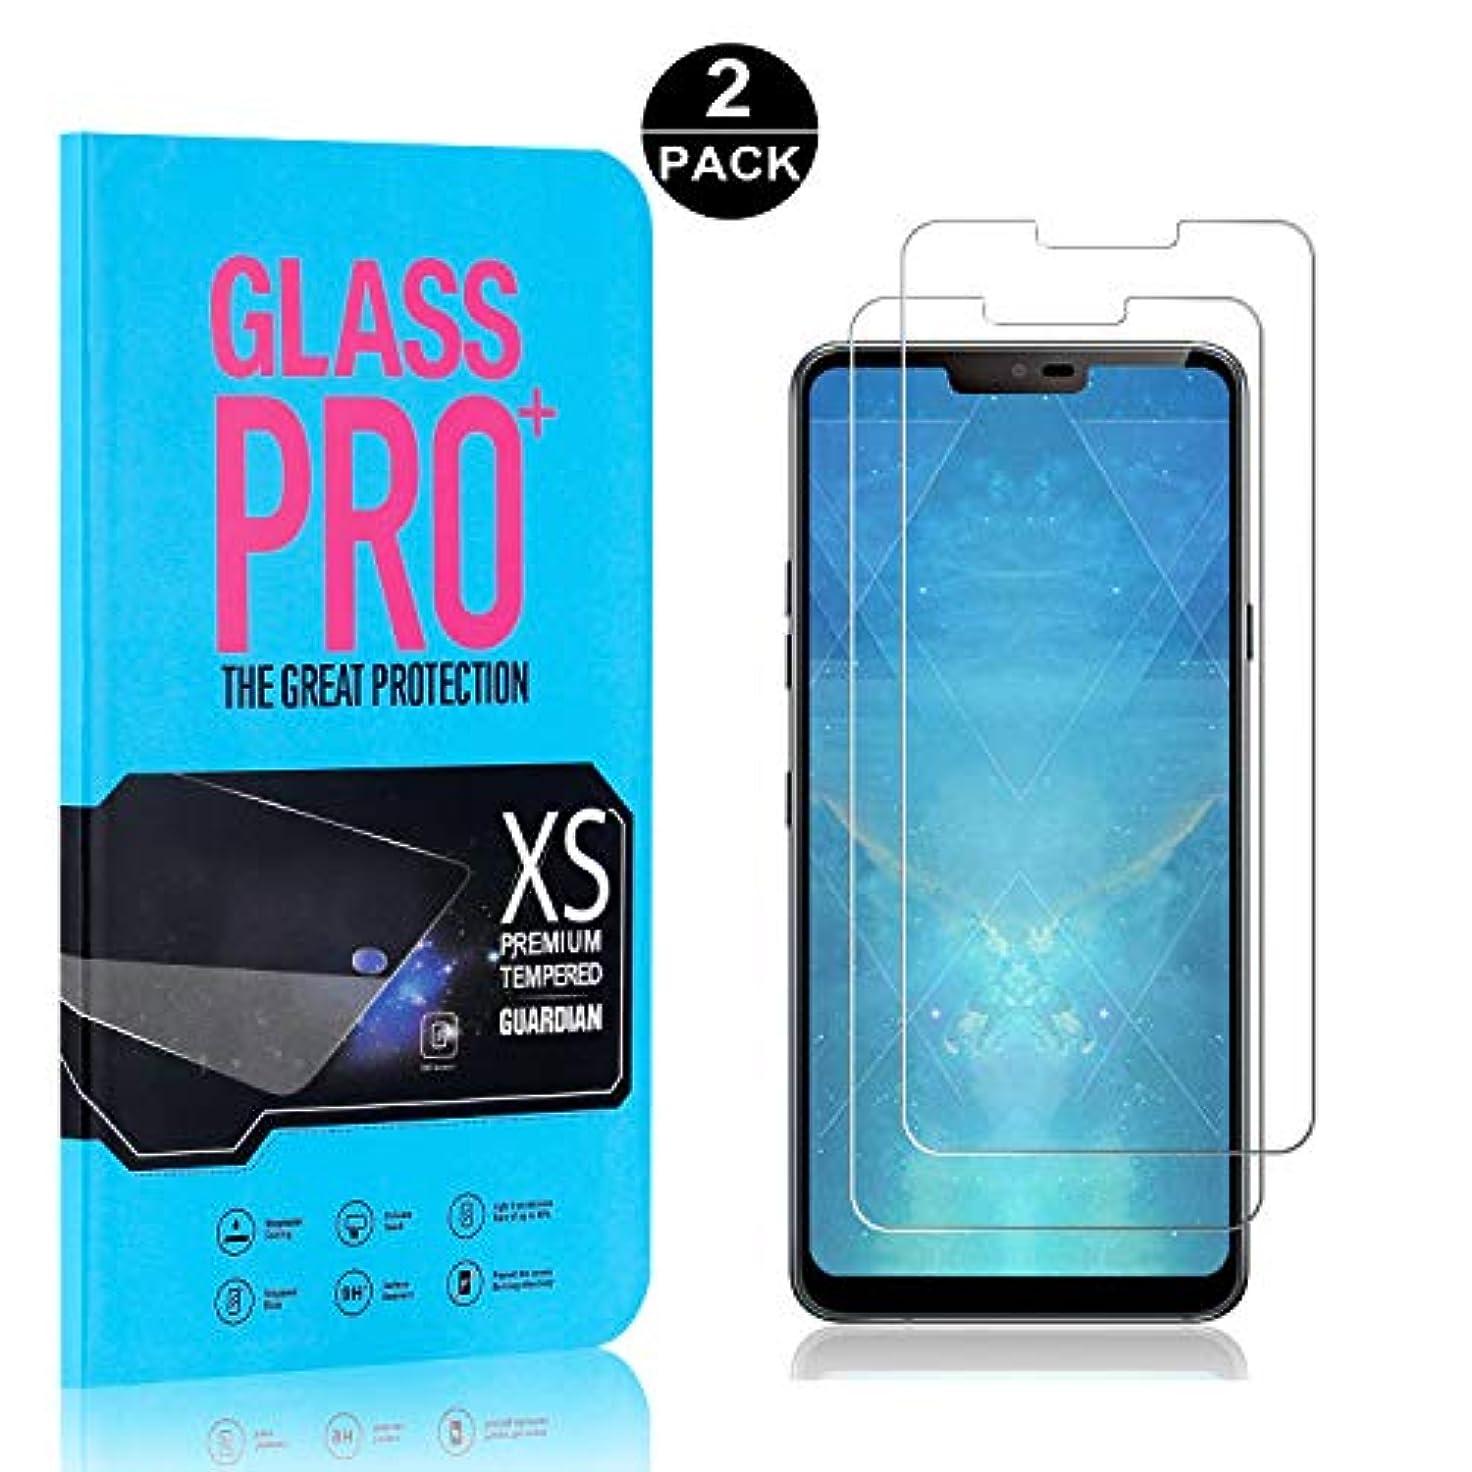 追い出す女王マッシュ【2枚セット】 LG G7 ThinQ 超薄 フィルム CUNUS LG G7 ThinQ 専用設計 強化ガラスフィルム 高透明度で 気泡防止 飛散防止 硬度9H 耐衝撃 超薄0.26mm 液晶保護フィルム